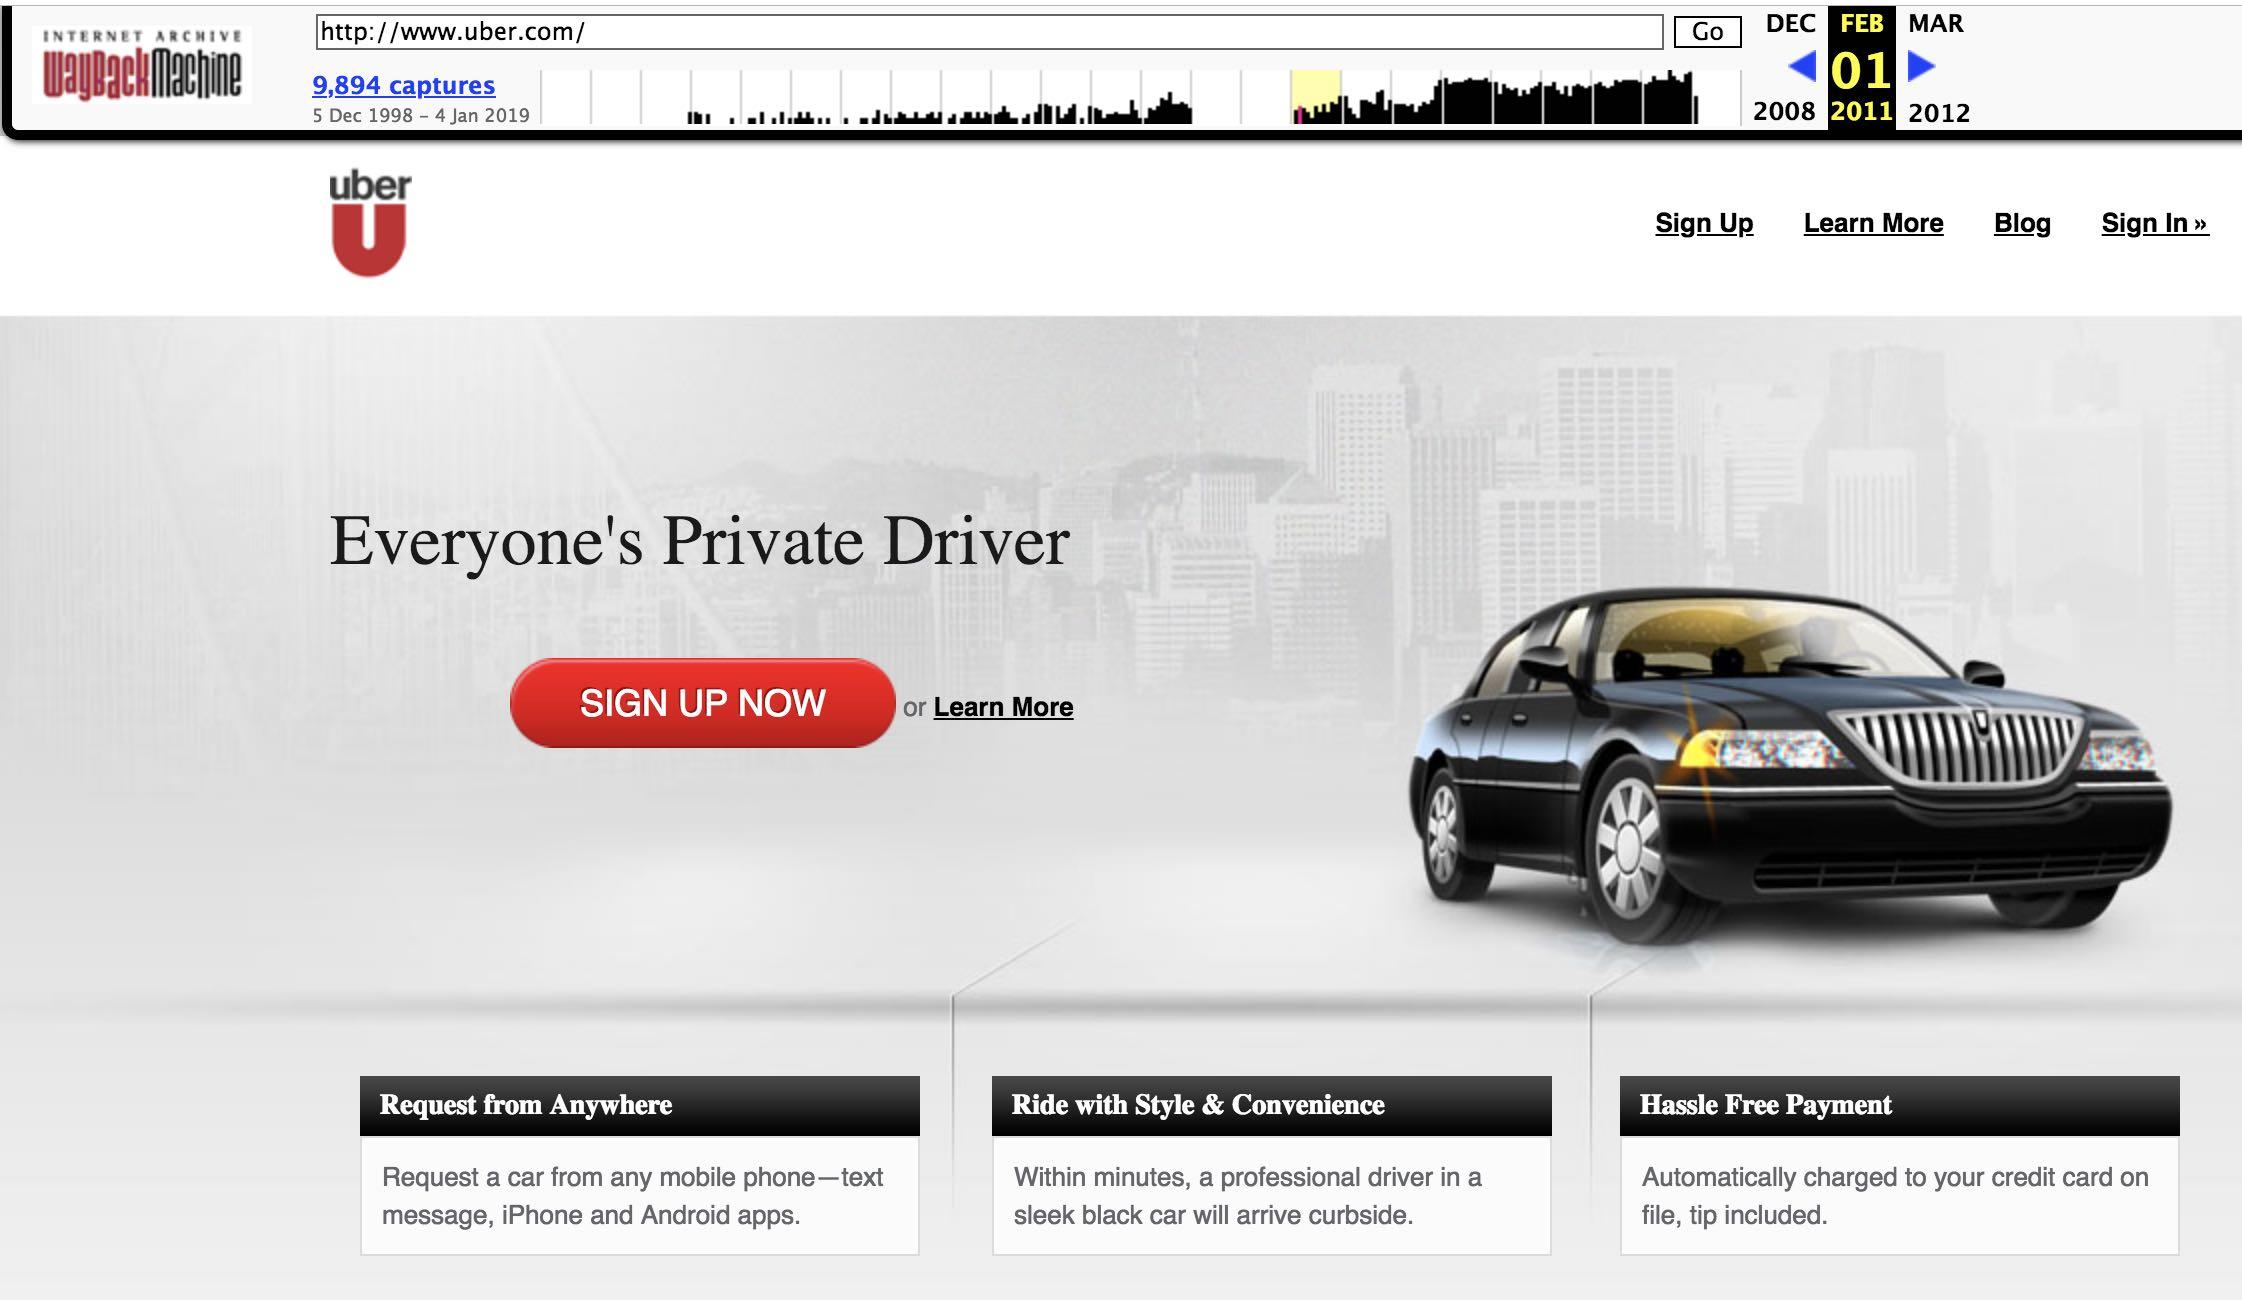 صفحه سایت uber در سال ۲۰۱۱